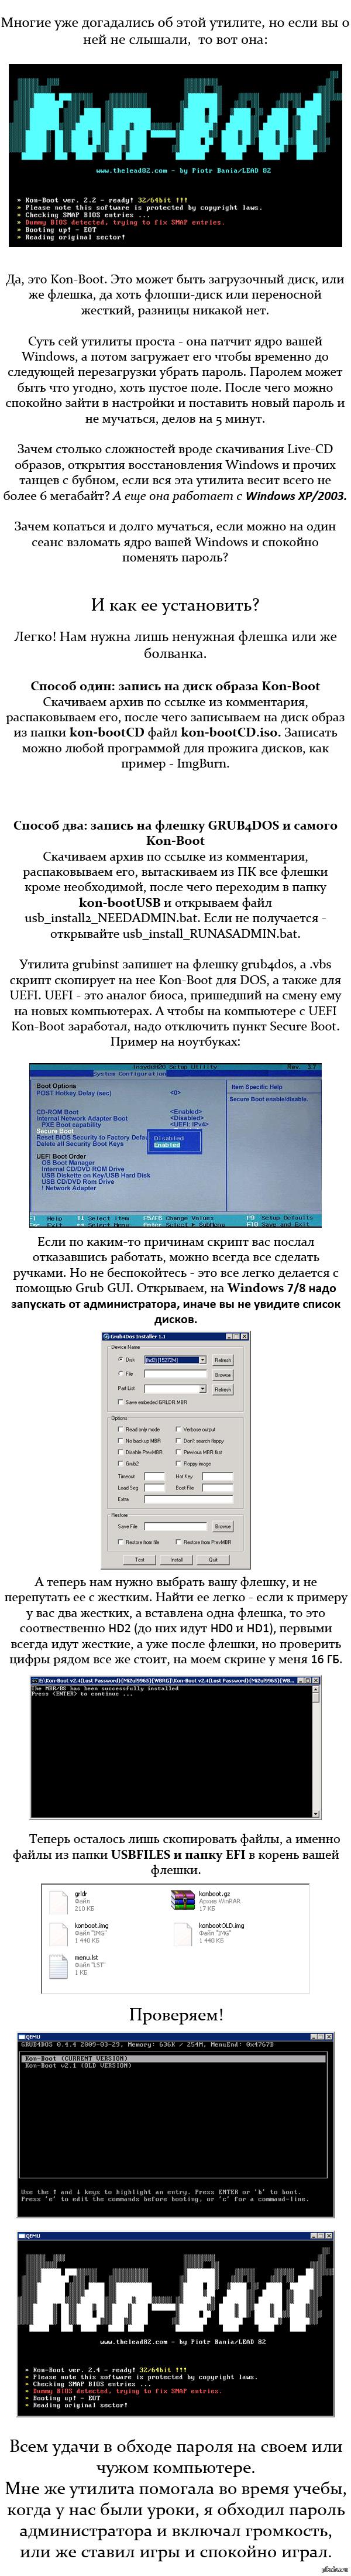 Как легко обходить пароль начиная с XP и заканчивая W8/8.1 Загрузочная флешка, которая запустит на один сеанс ваш компьютер без пароля, чтобы потом его можно было сменить, или просто пользоваться.